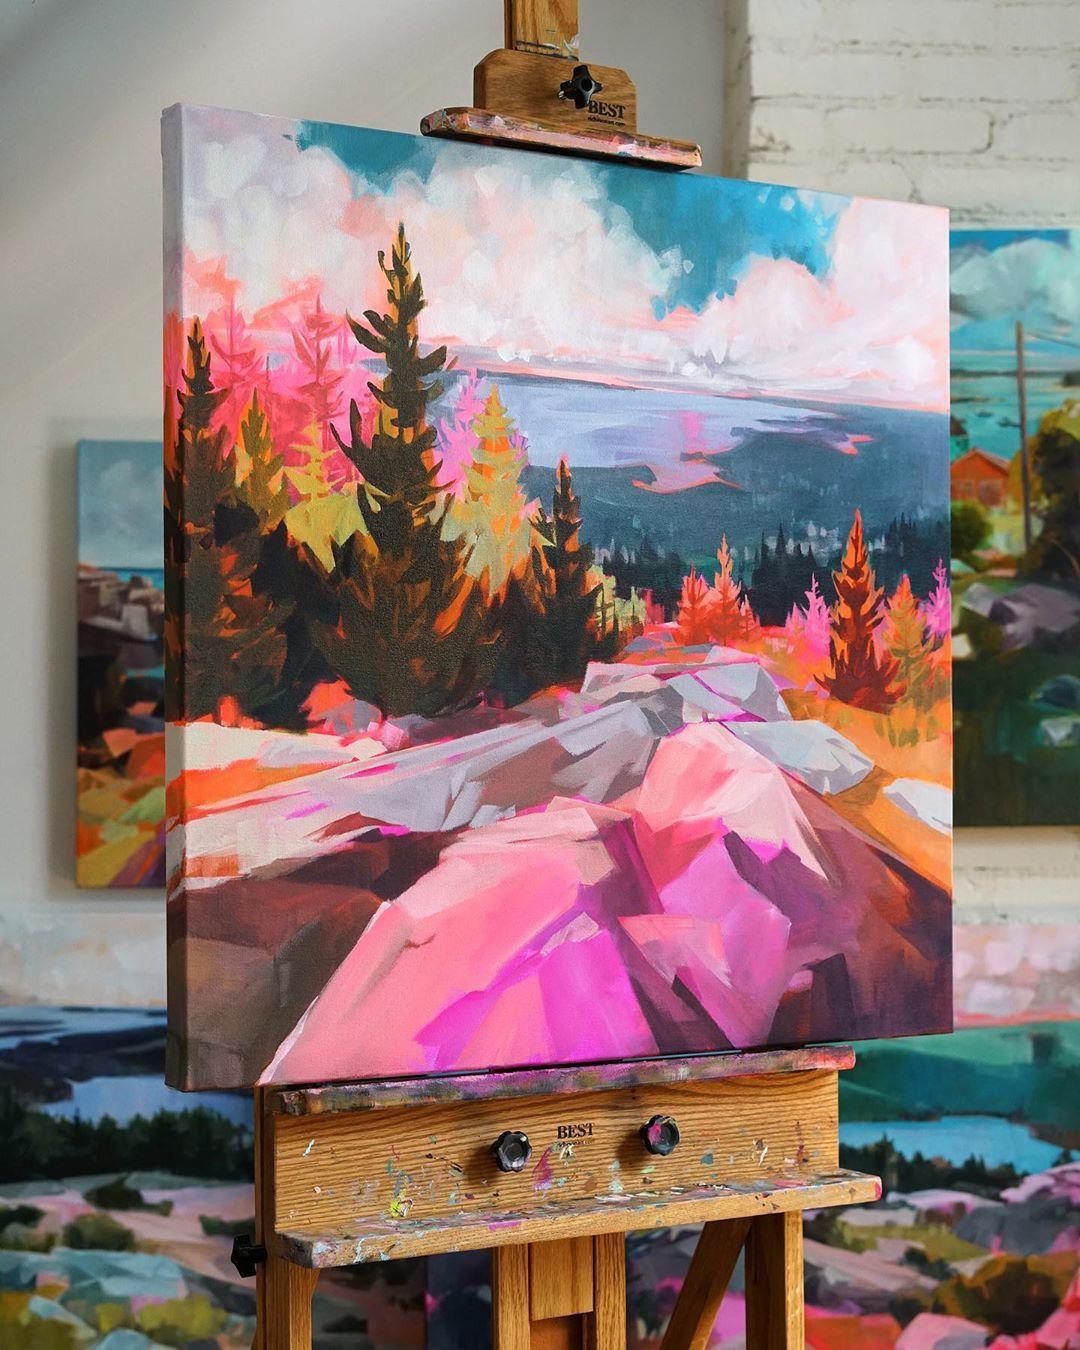 Coloridas pinturas de paisajes transmiten alegría y